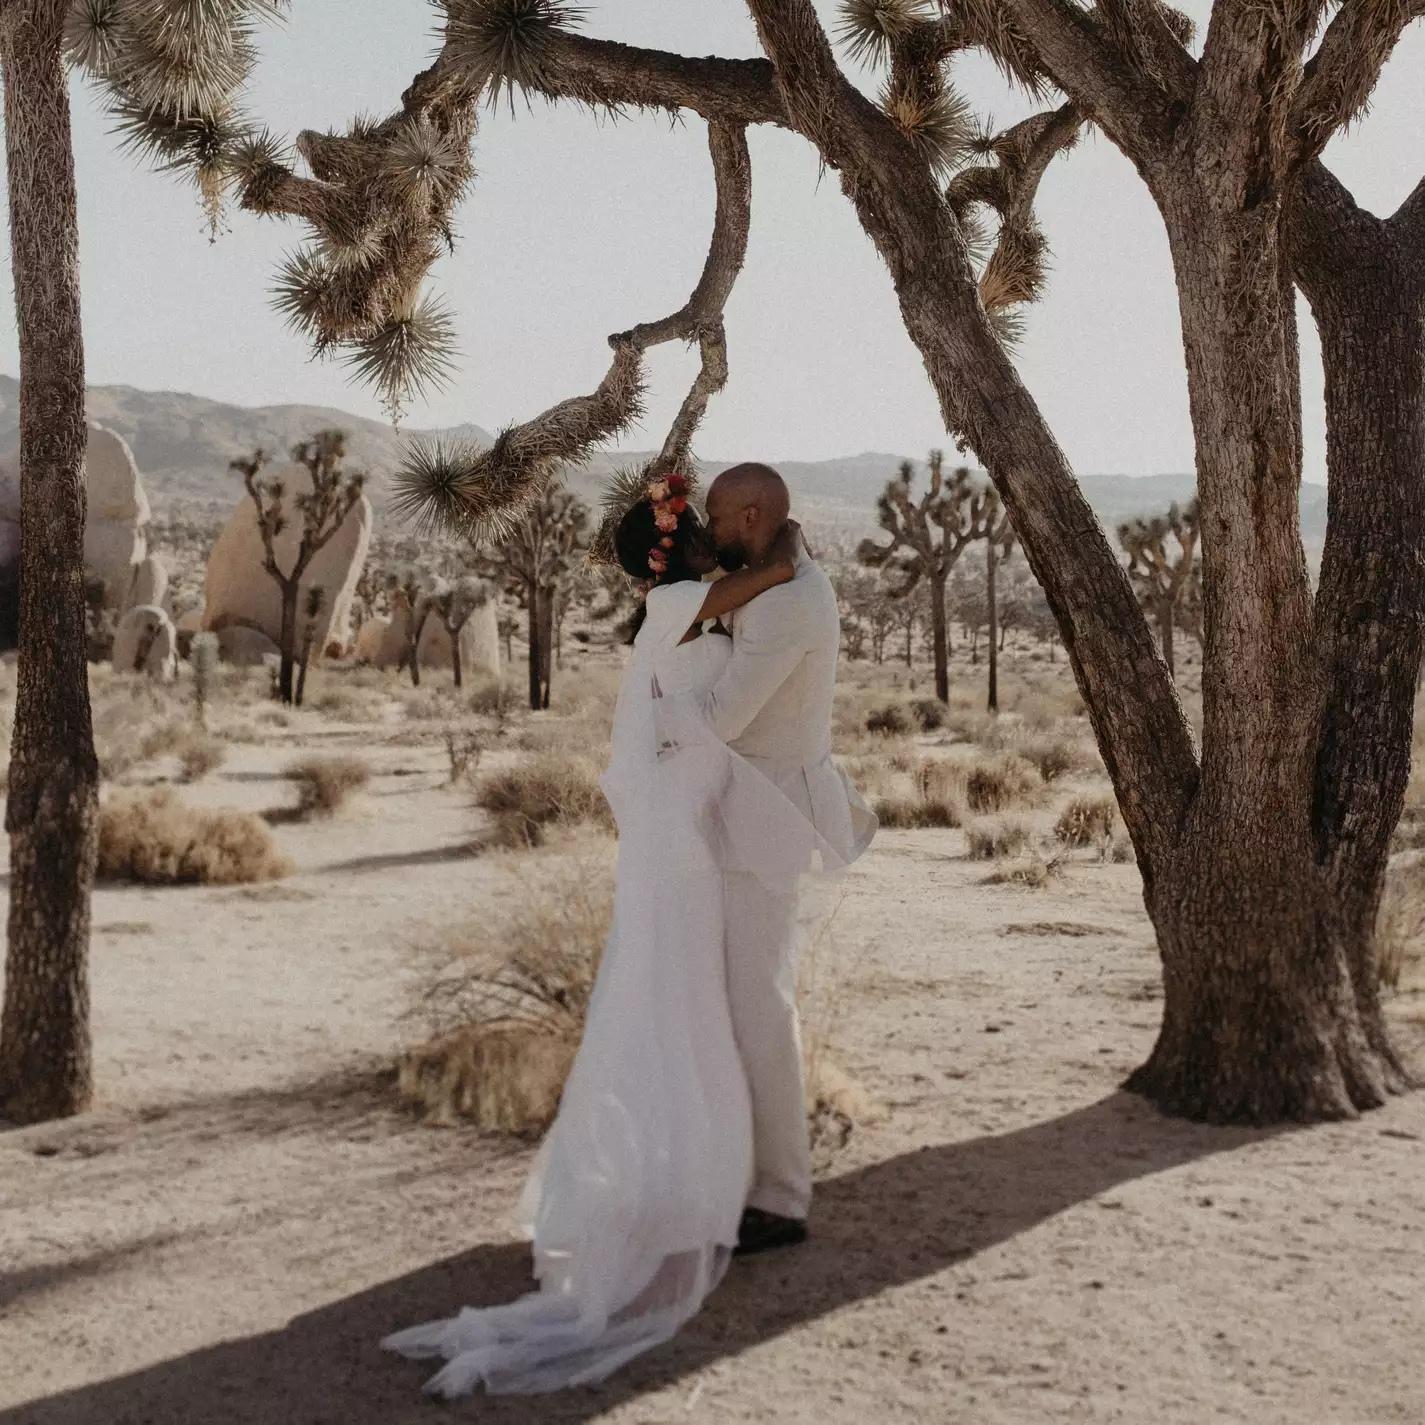 Dt1kVZoAwcM - Найти свадебного ведущего оказалось проще простого